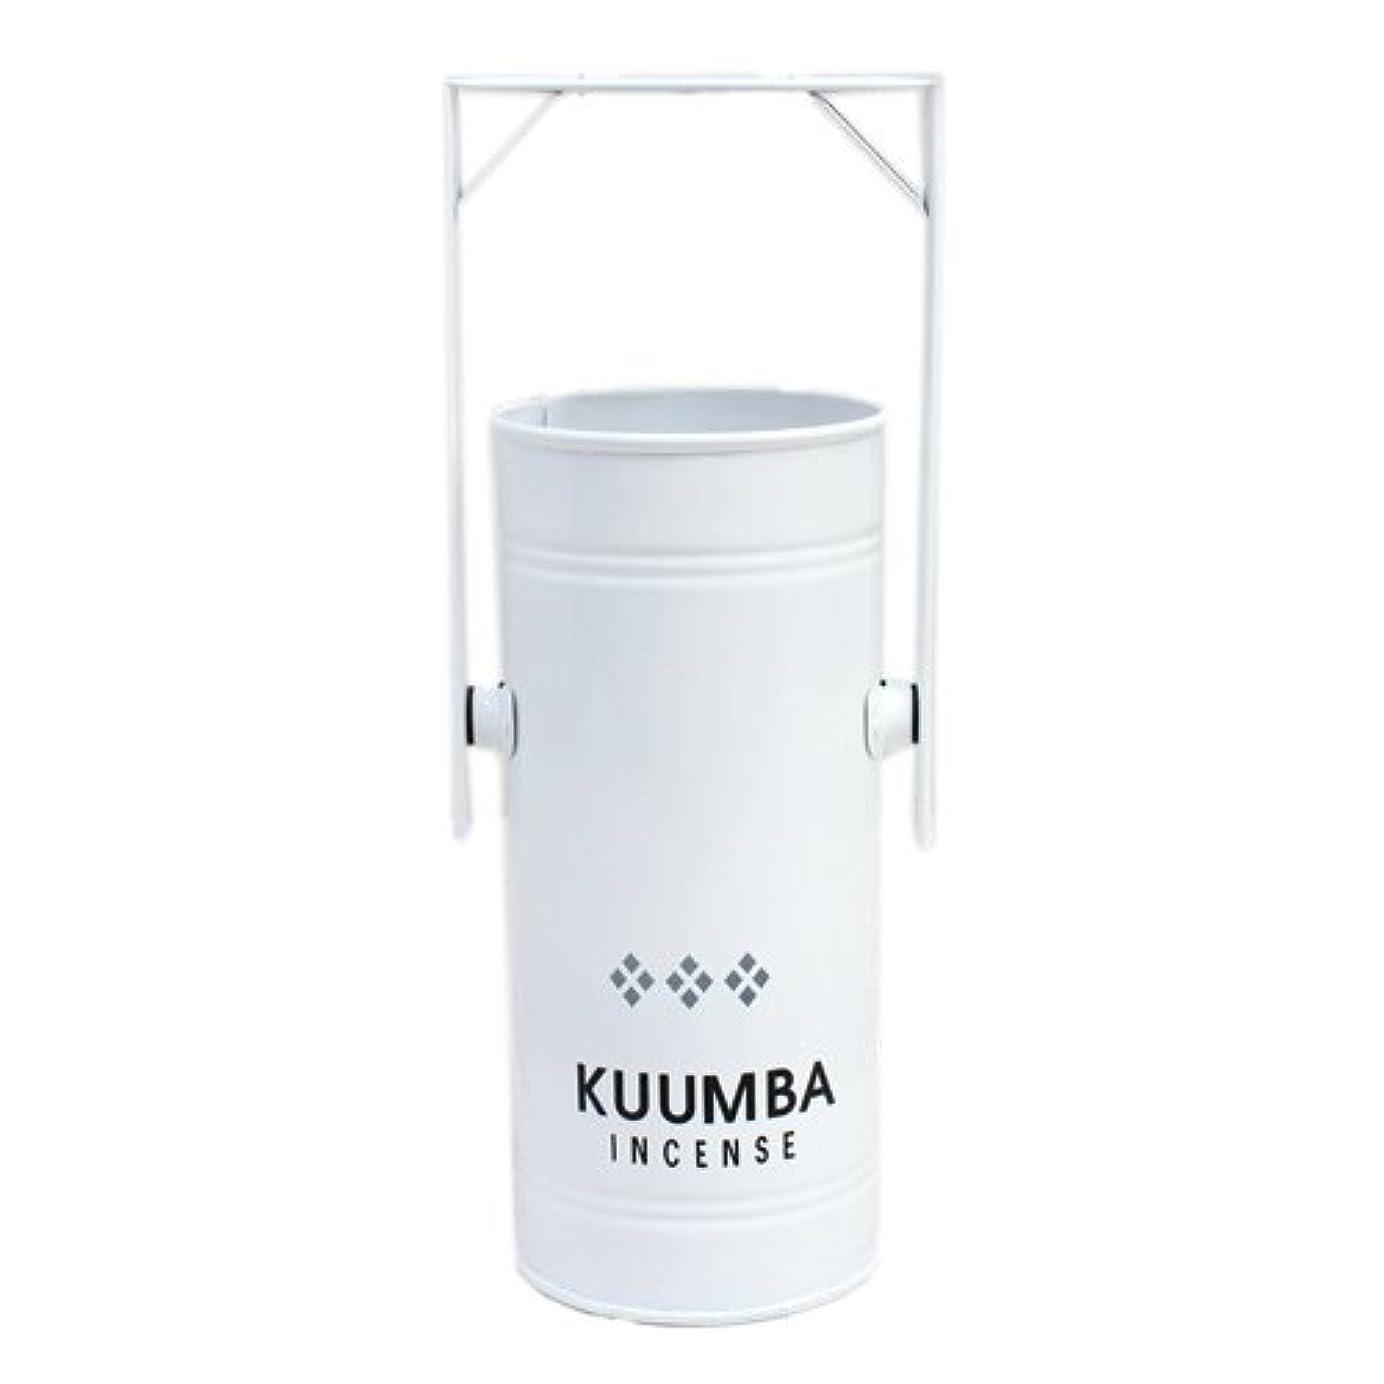 割る代替返還KUUMBA (クンバ)『INCENSE BURNER-Regular』(WHITE) (ONE SIZE, WHITE)